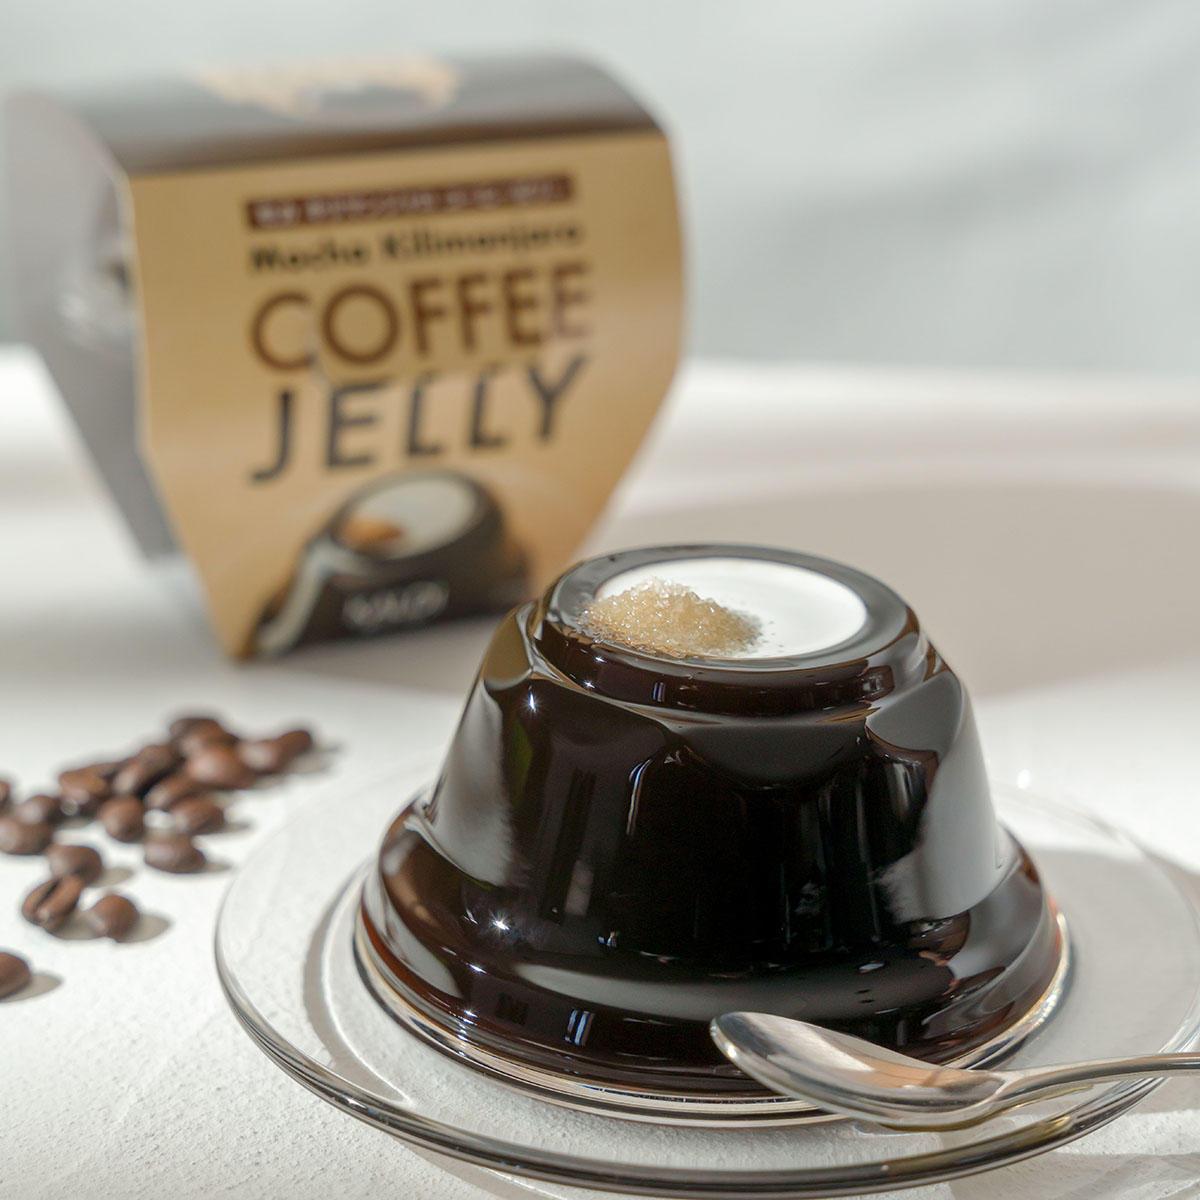 モカ キリマンジャロ コーヒーゼリー:モカ キリマンジャロ コーヒーゼリー